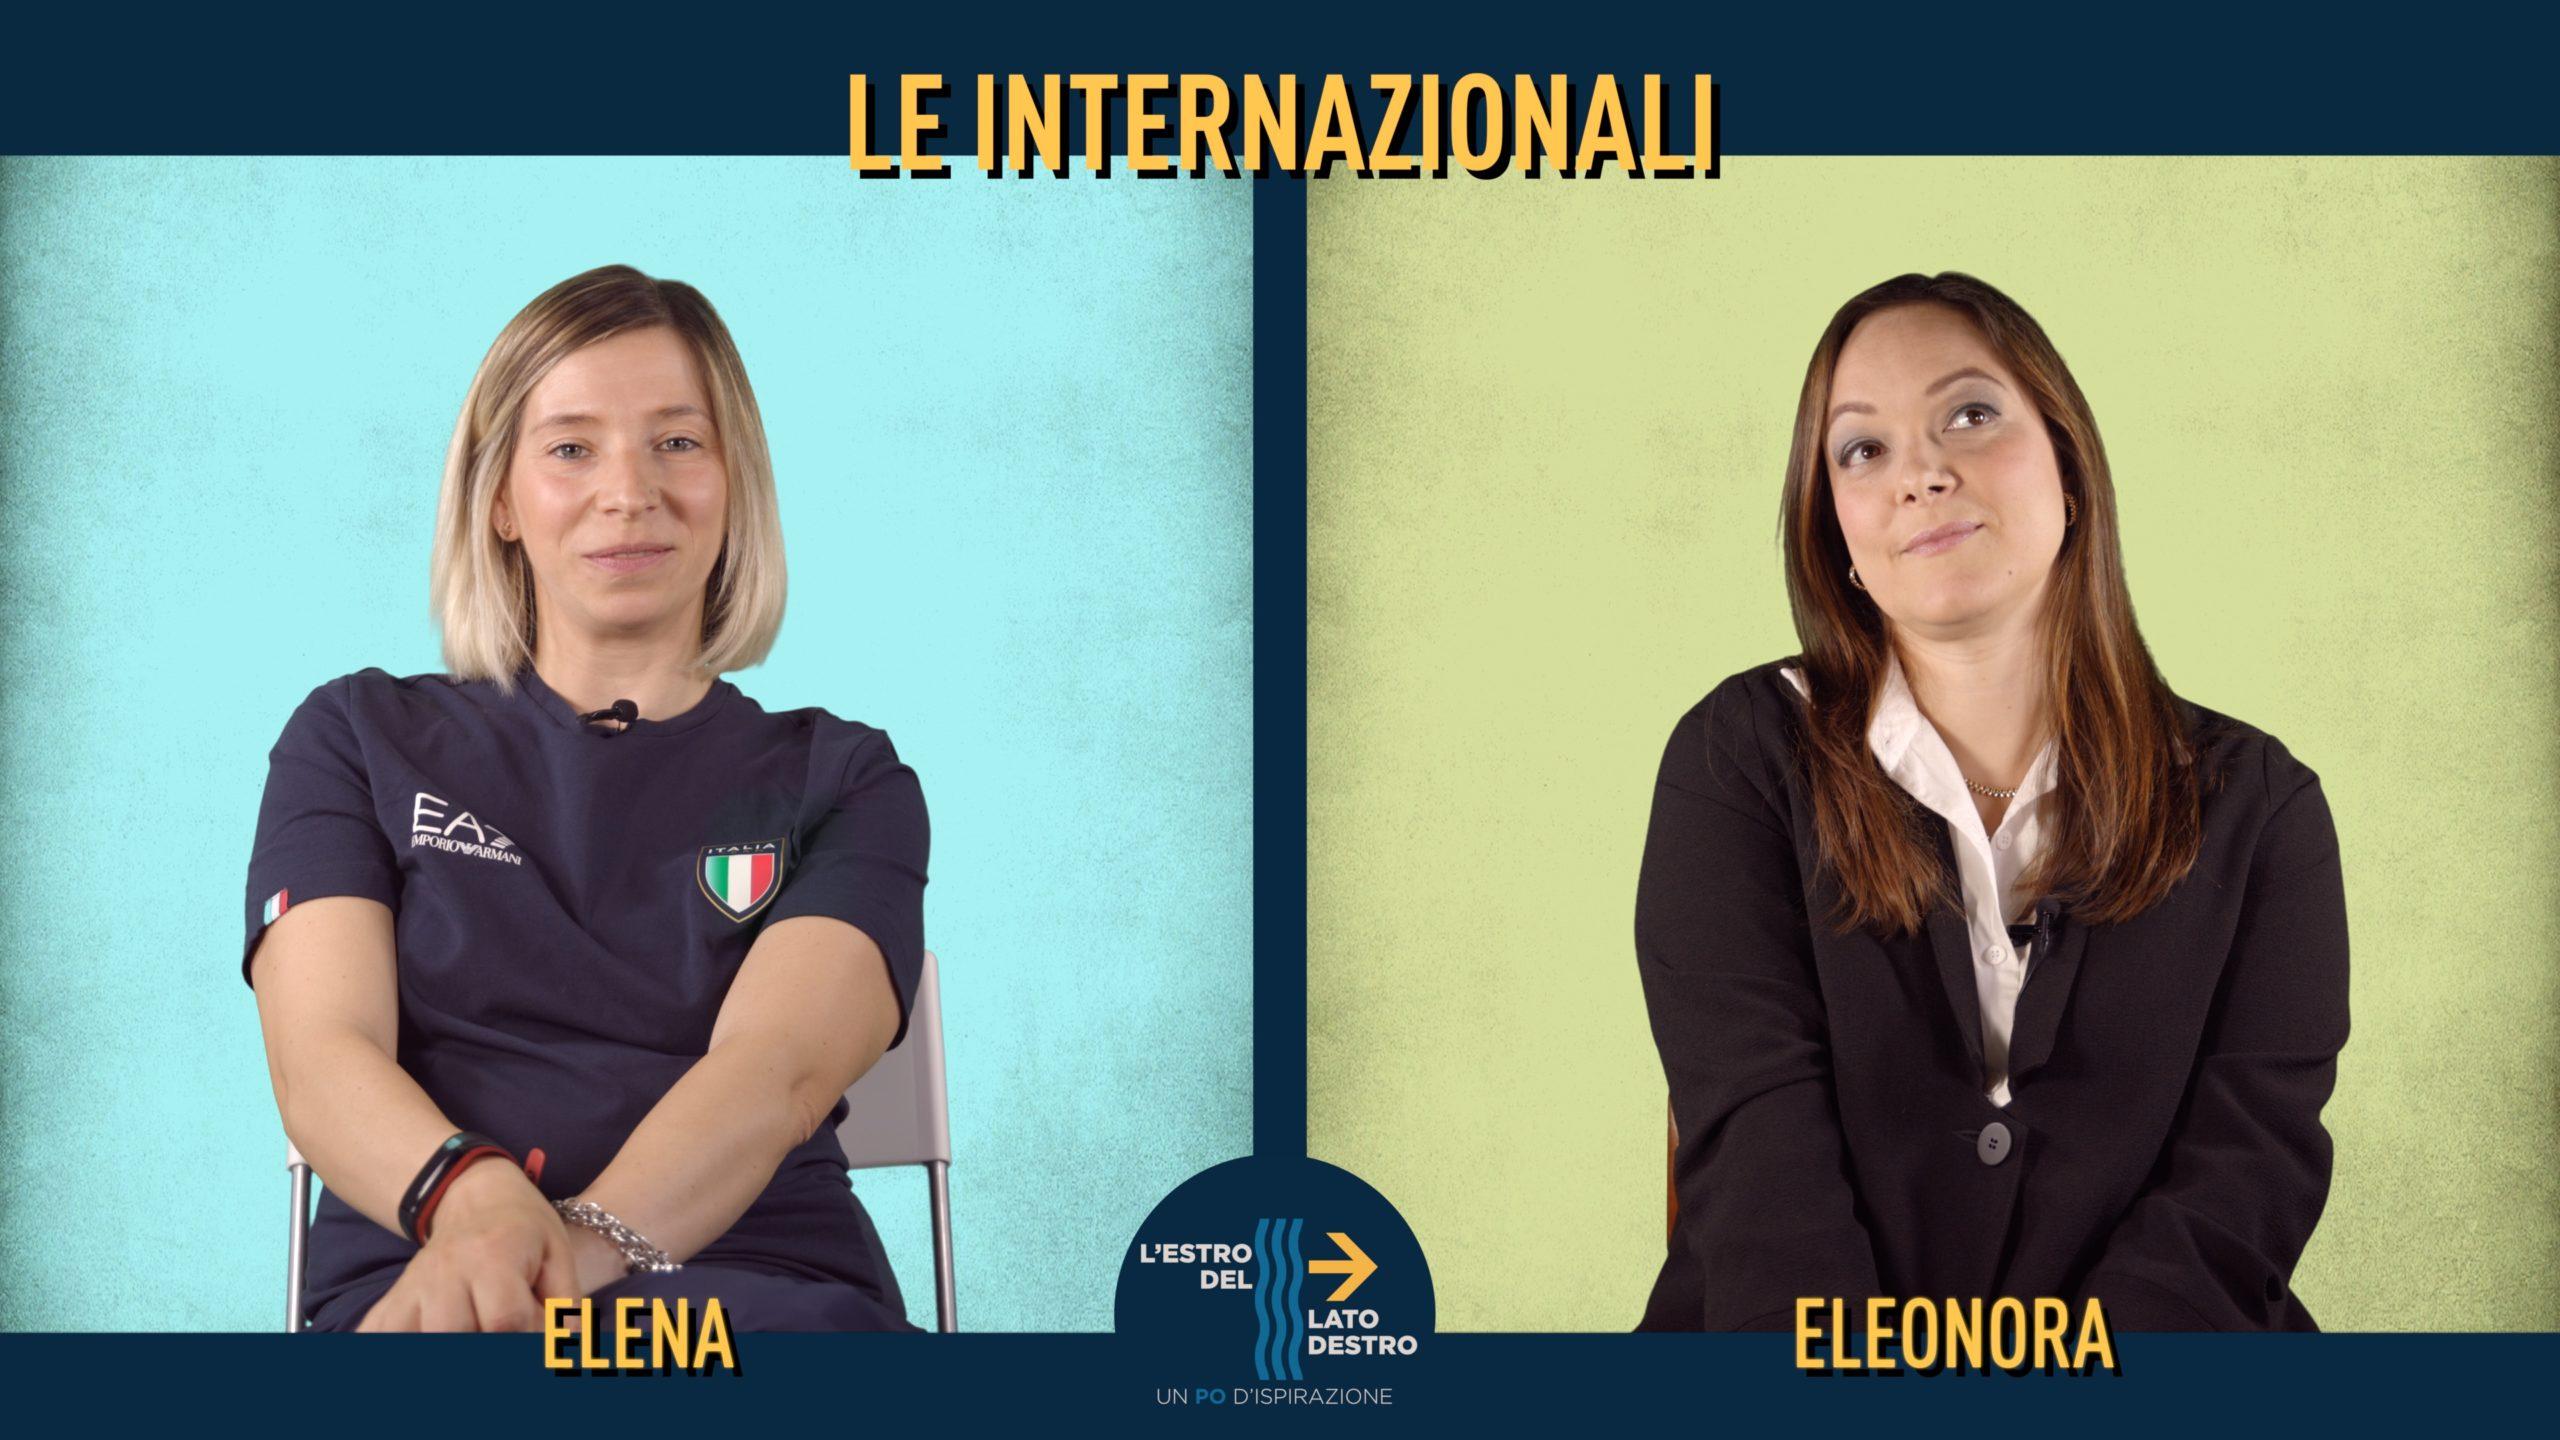 L'estro del lato destro: le internazionali